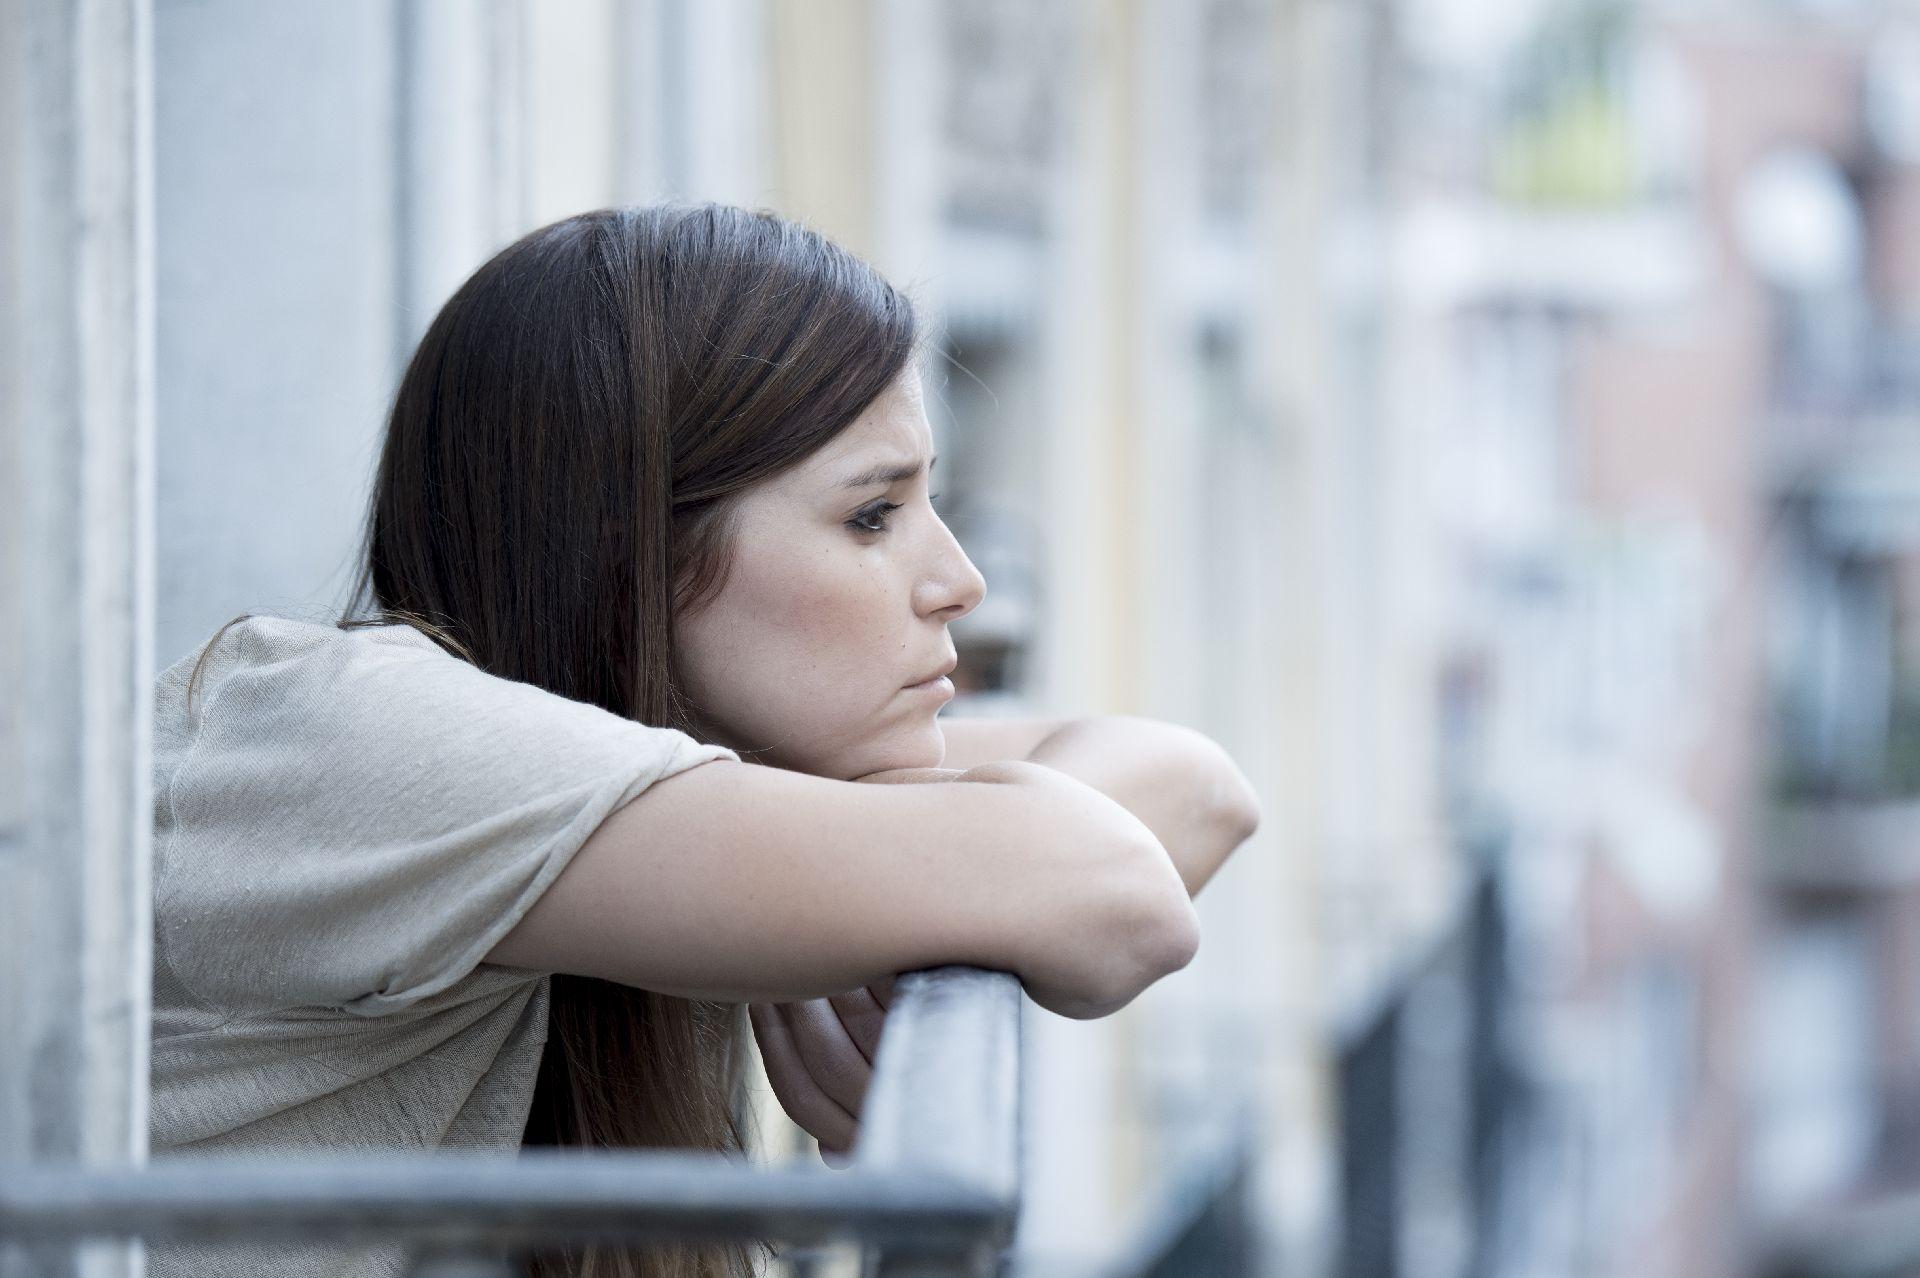 Pesquisa mostrou que a prática de atividade física ajuda a proteger contra a depressão. Foto: Bigstock